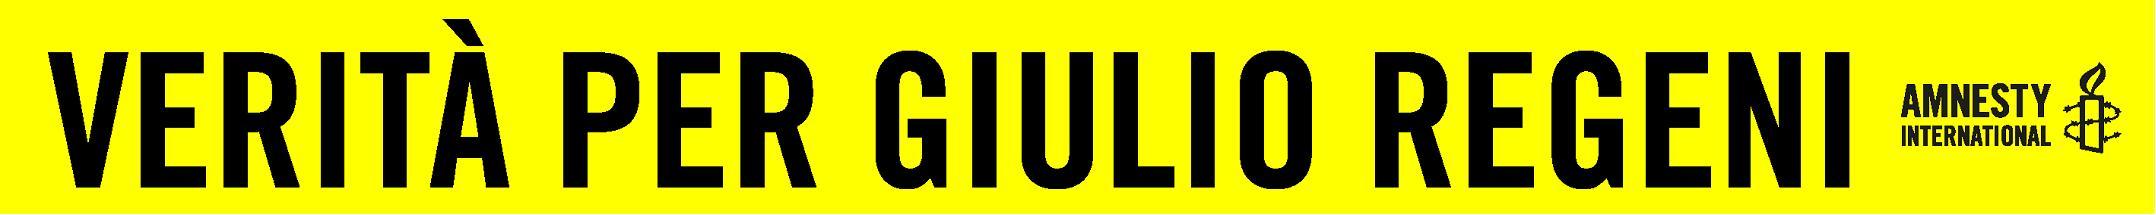 Amnesty per Giulio 2